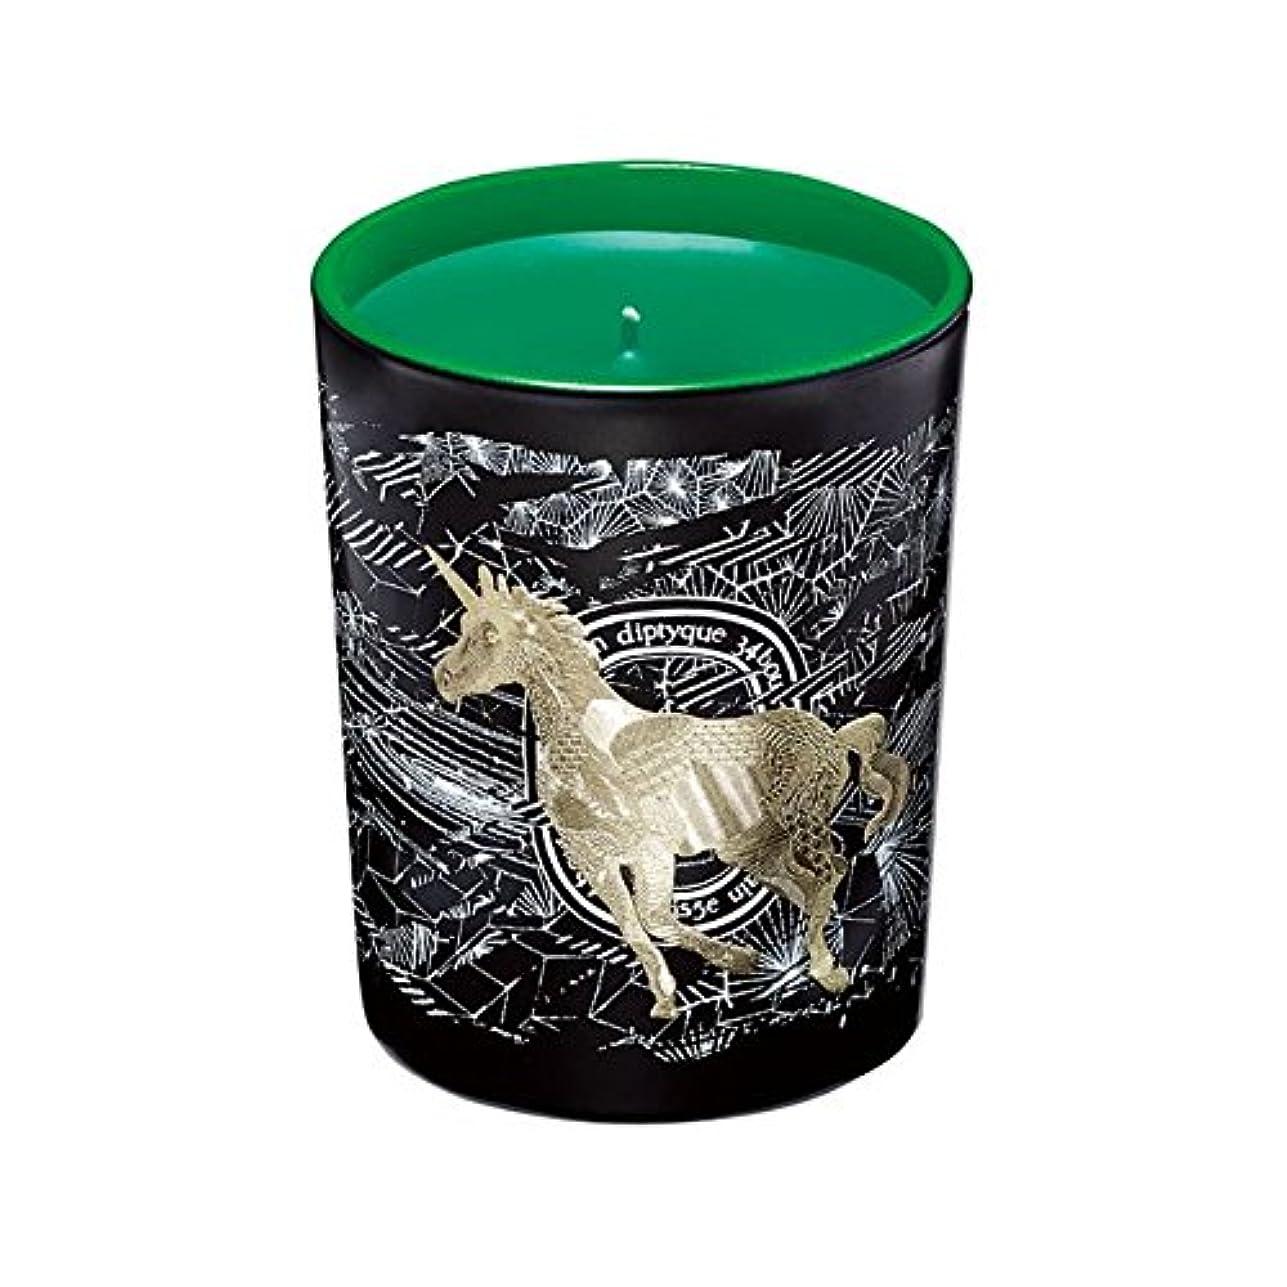 証言する守銭奴たぶんDiptyque Cosmic Seasonal Scented Candle Holiday Limited Edition – フロストフォレスト( Foret Givree )グリーンユニコーン – 6.5 Oz...